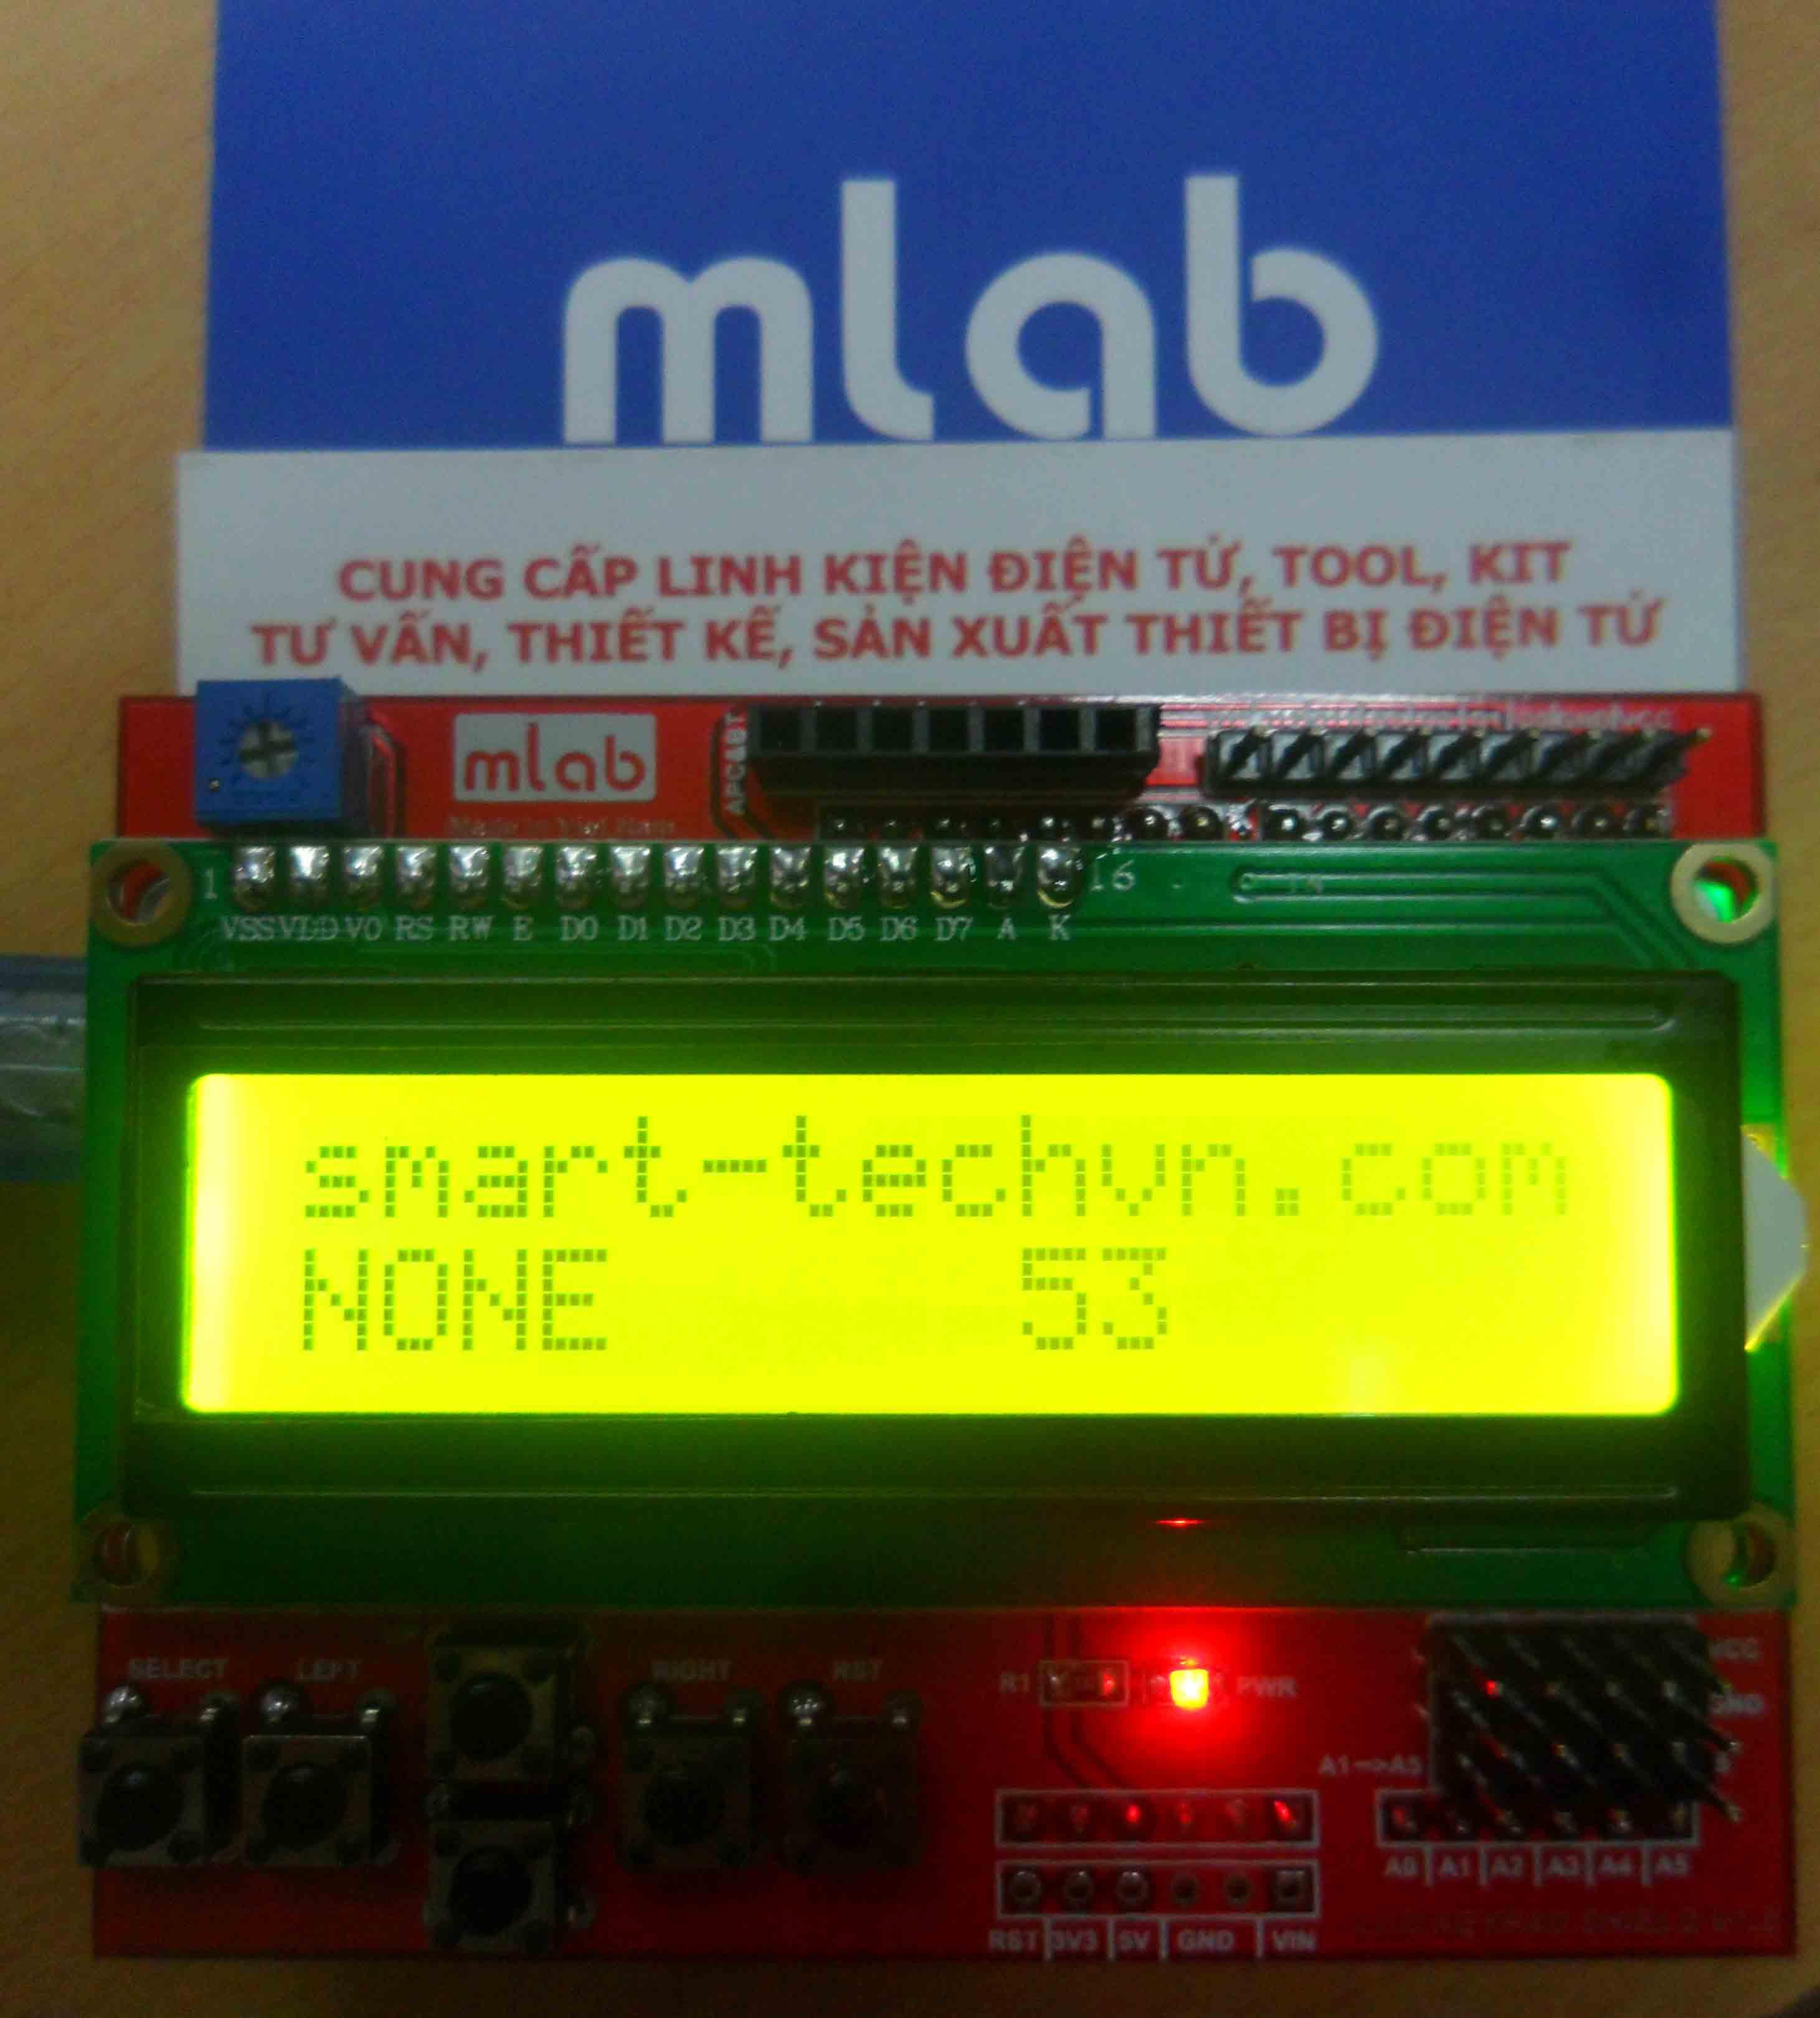 Hướng dẫn sử dụng LCD Keypad Shield với arduino (MLAB)